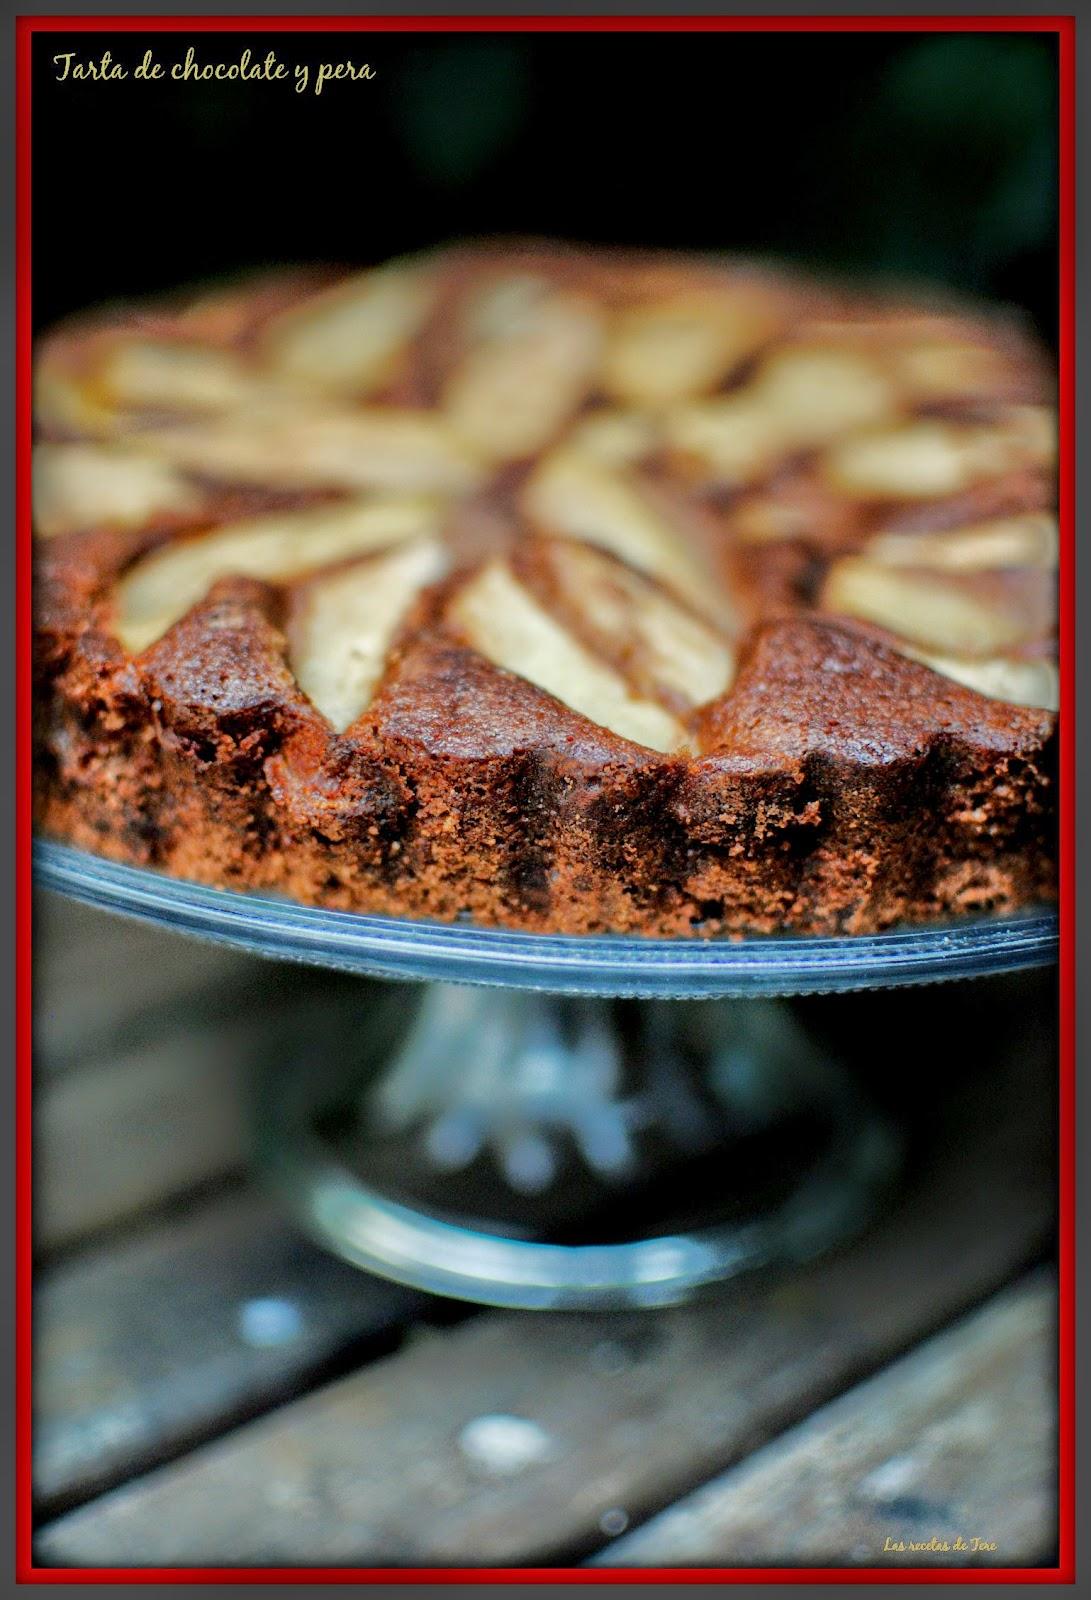 tarta de chocolate y pera tererecetas 03